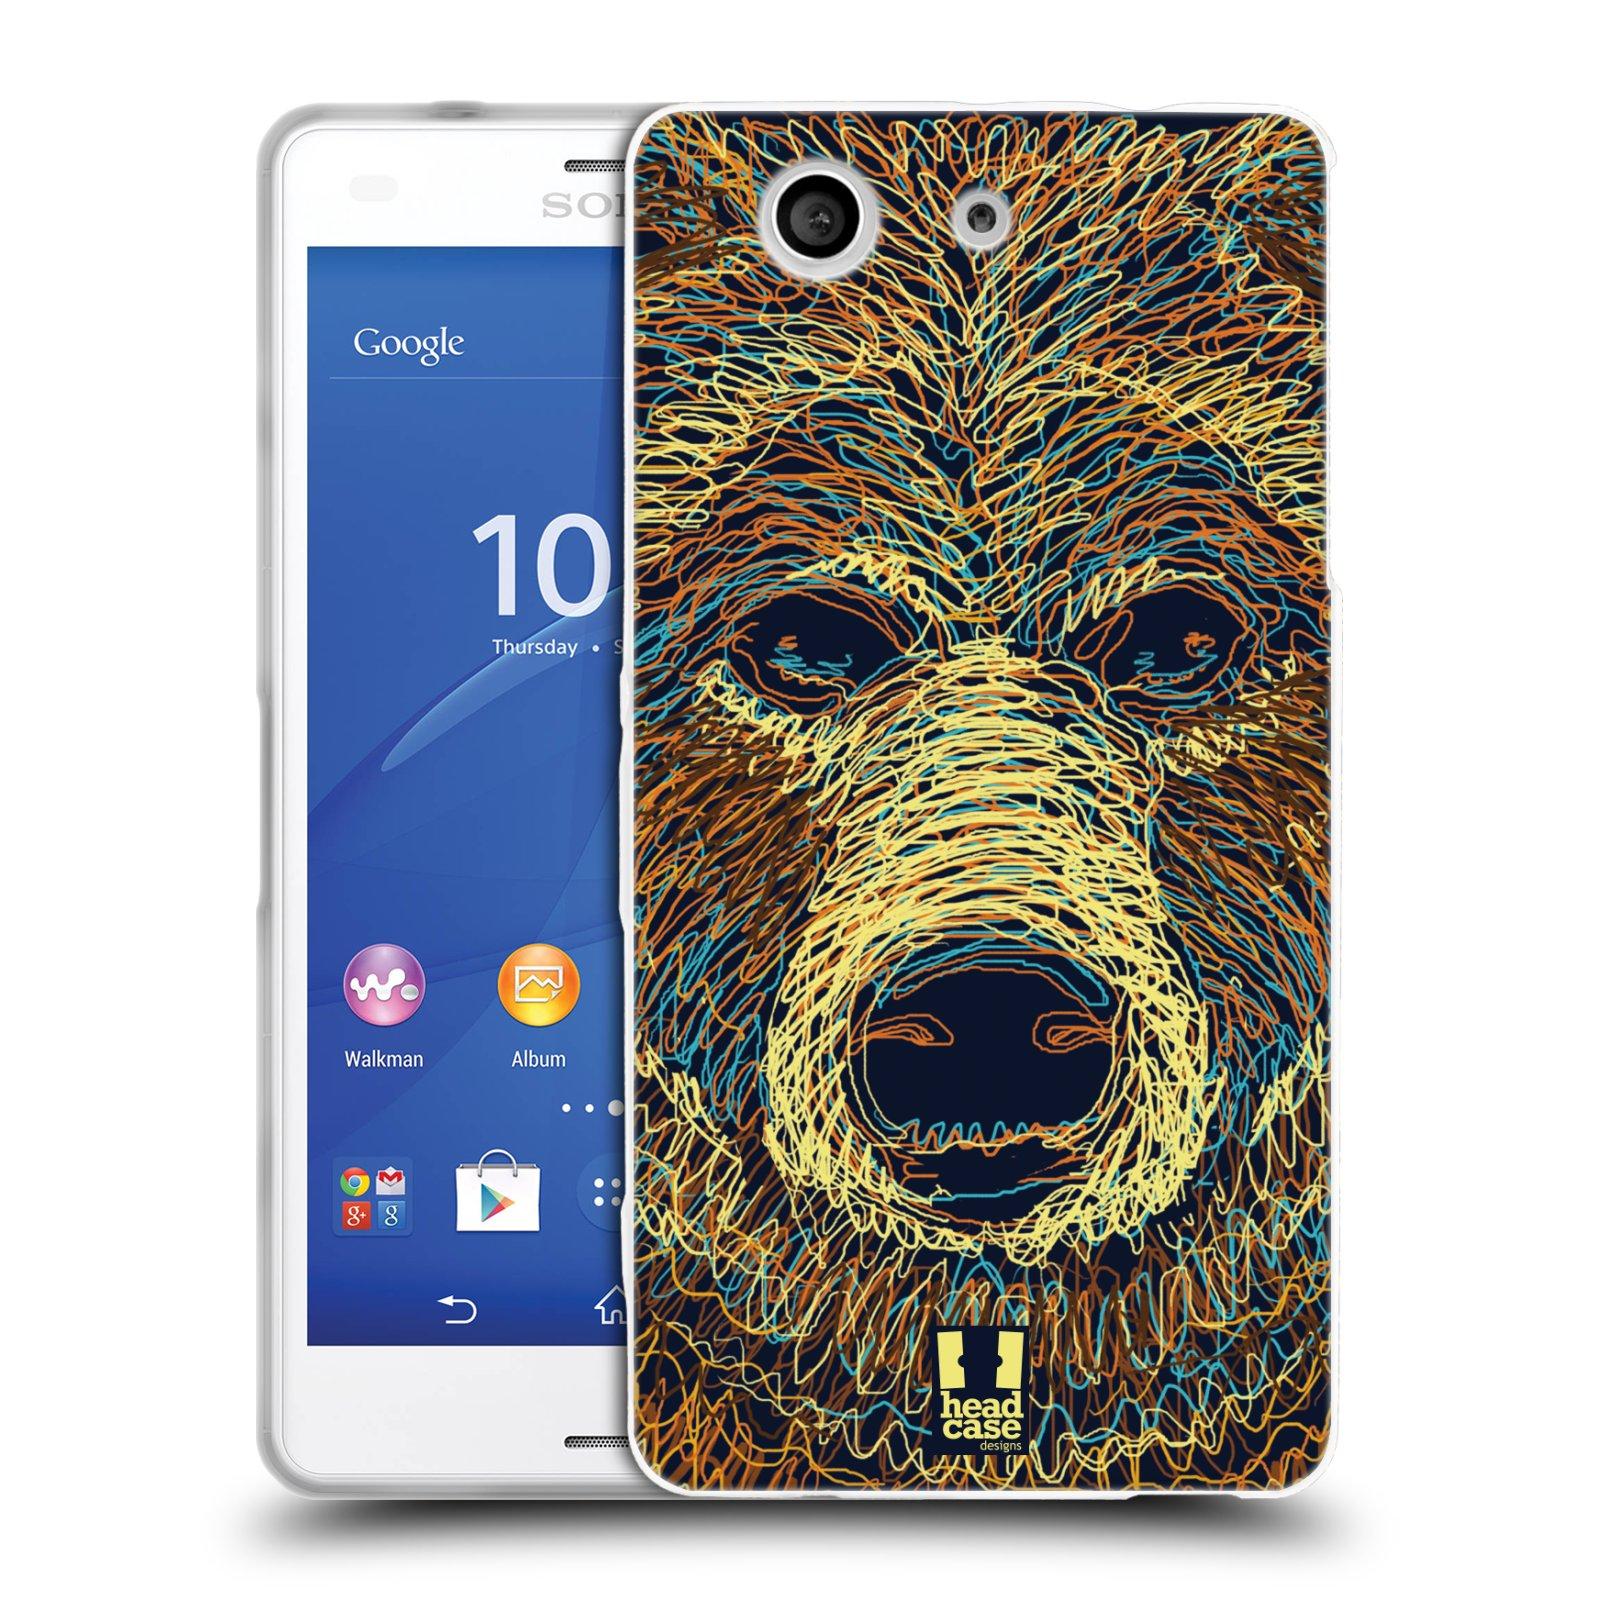 HEAD CASE silikonový obal na mobil Sony Xperia Z3 COMPACT (D5803) vzor zvíře čmáranice medvěd